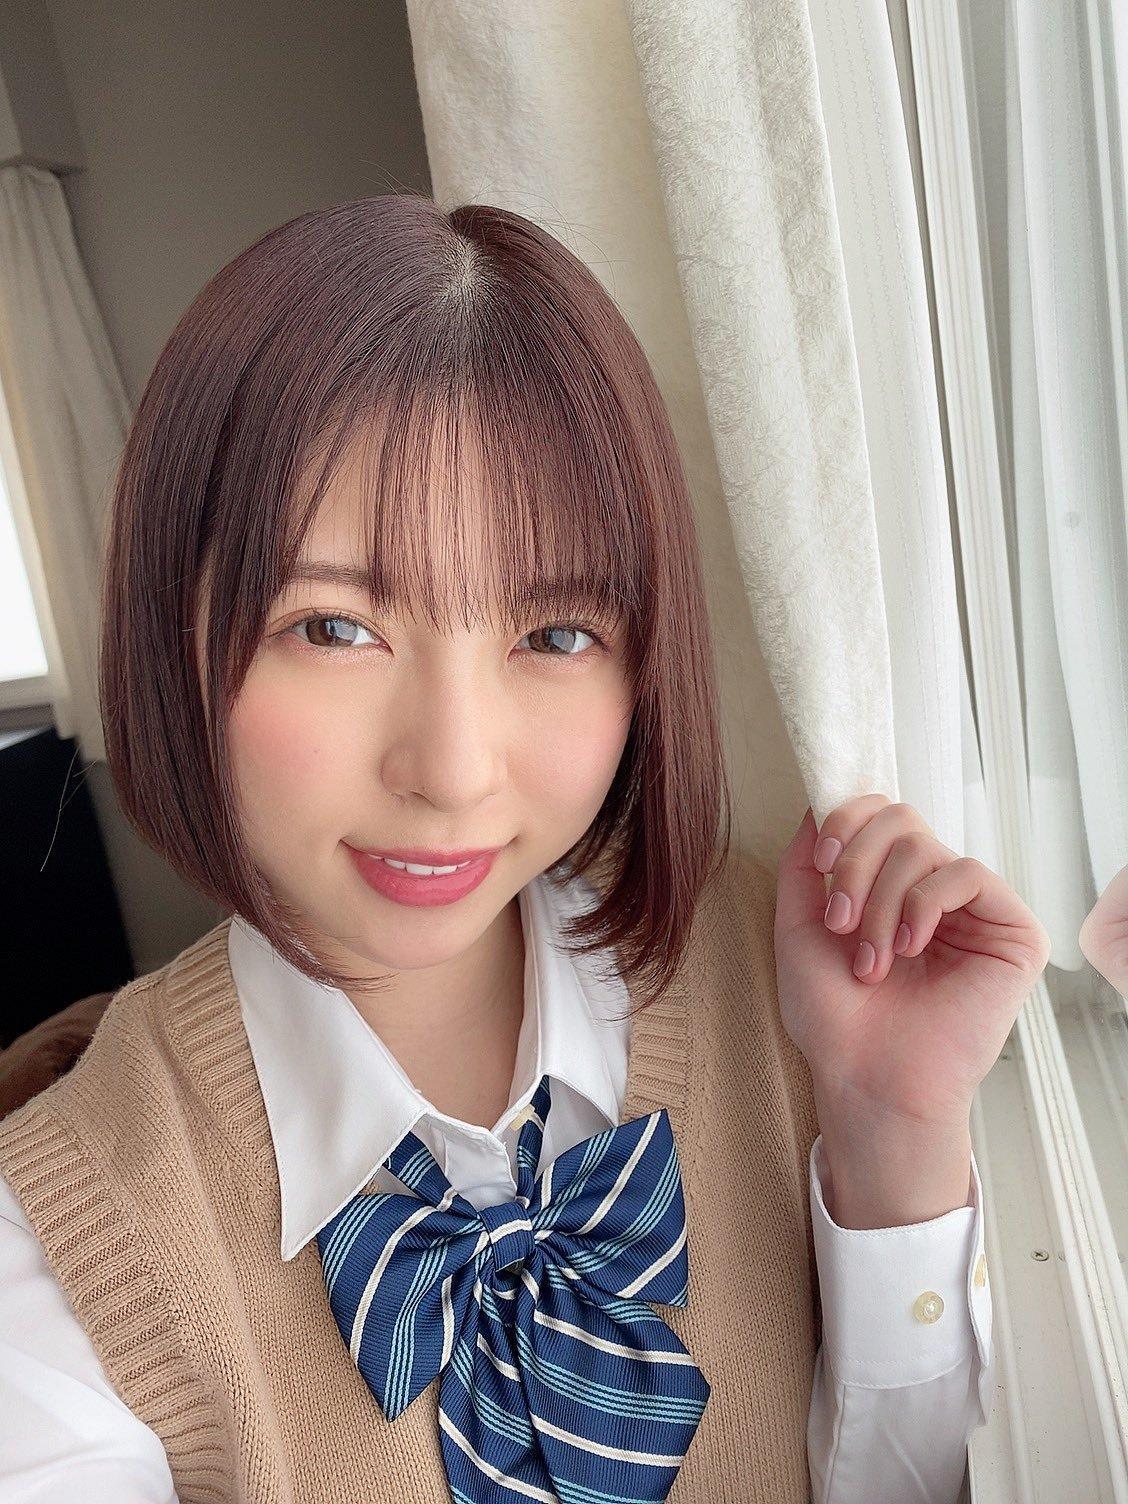 深田咏美再现魅魔 葵铃奈瘦小水着插图(52)